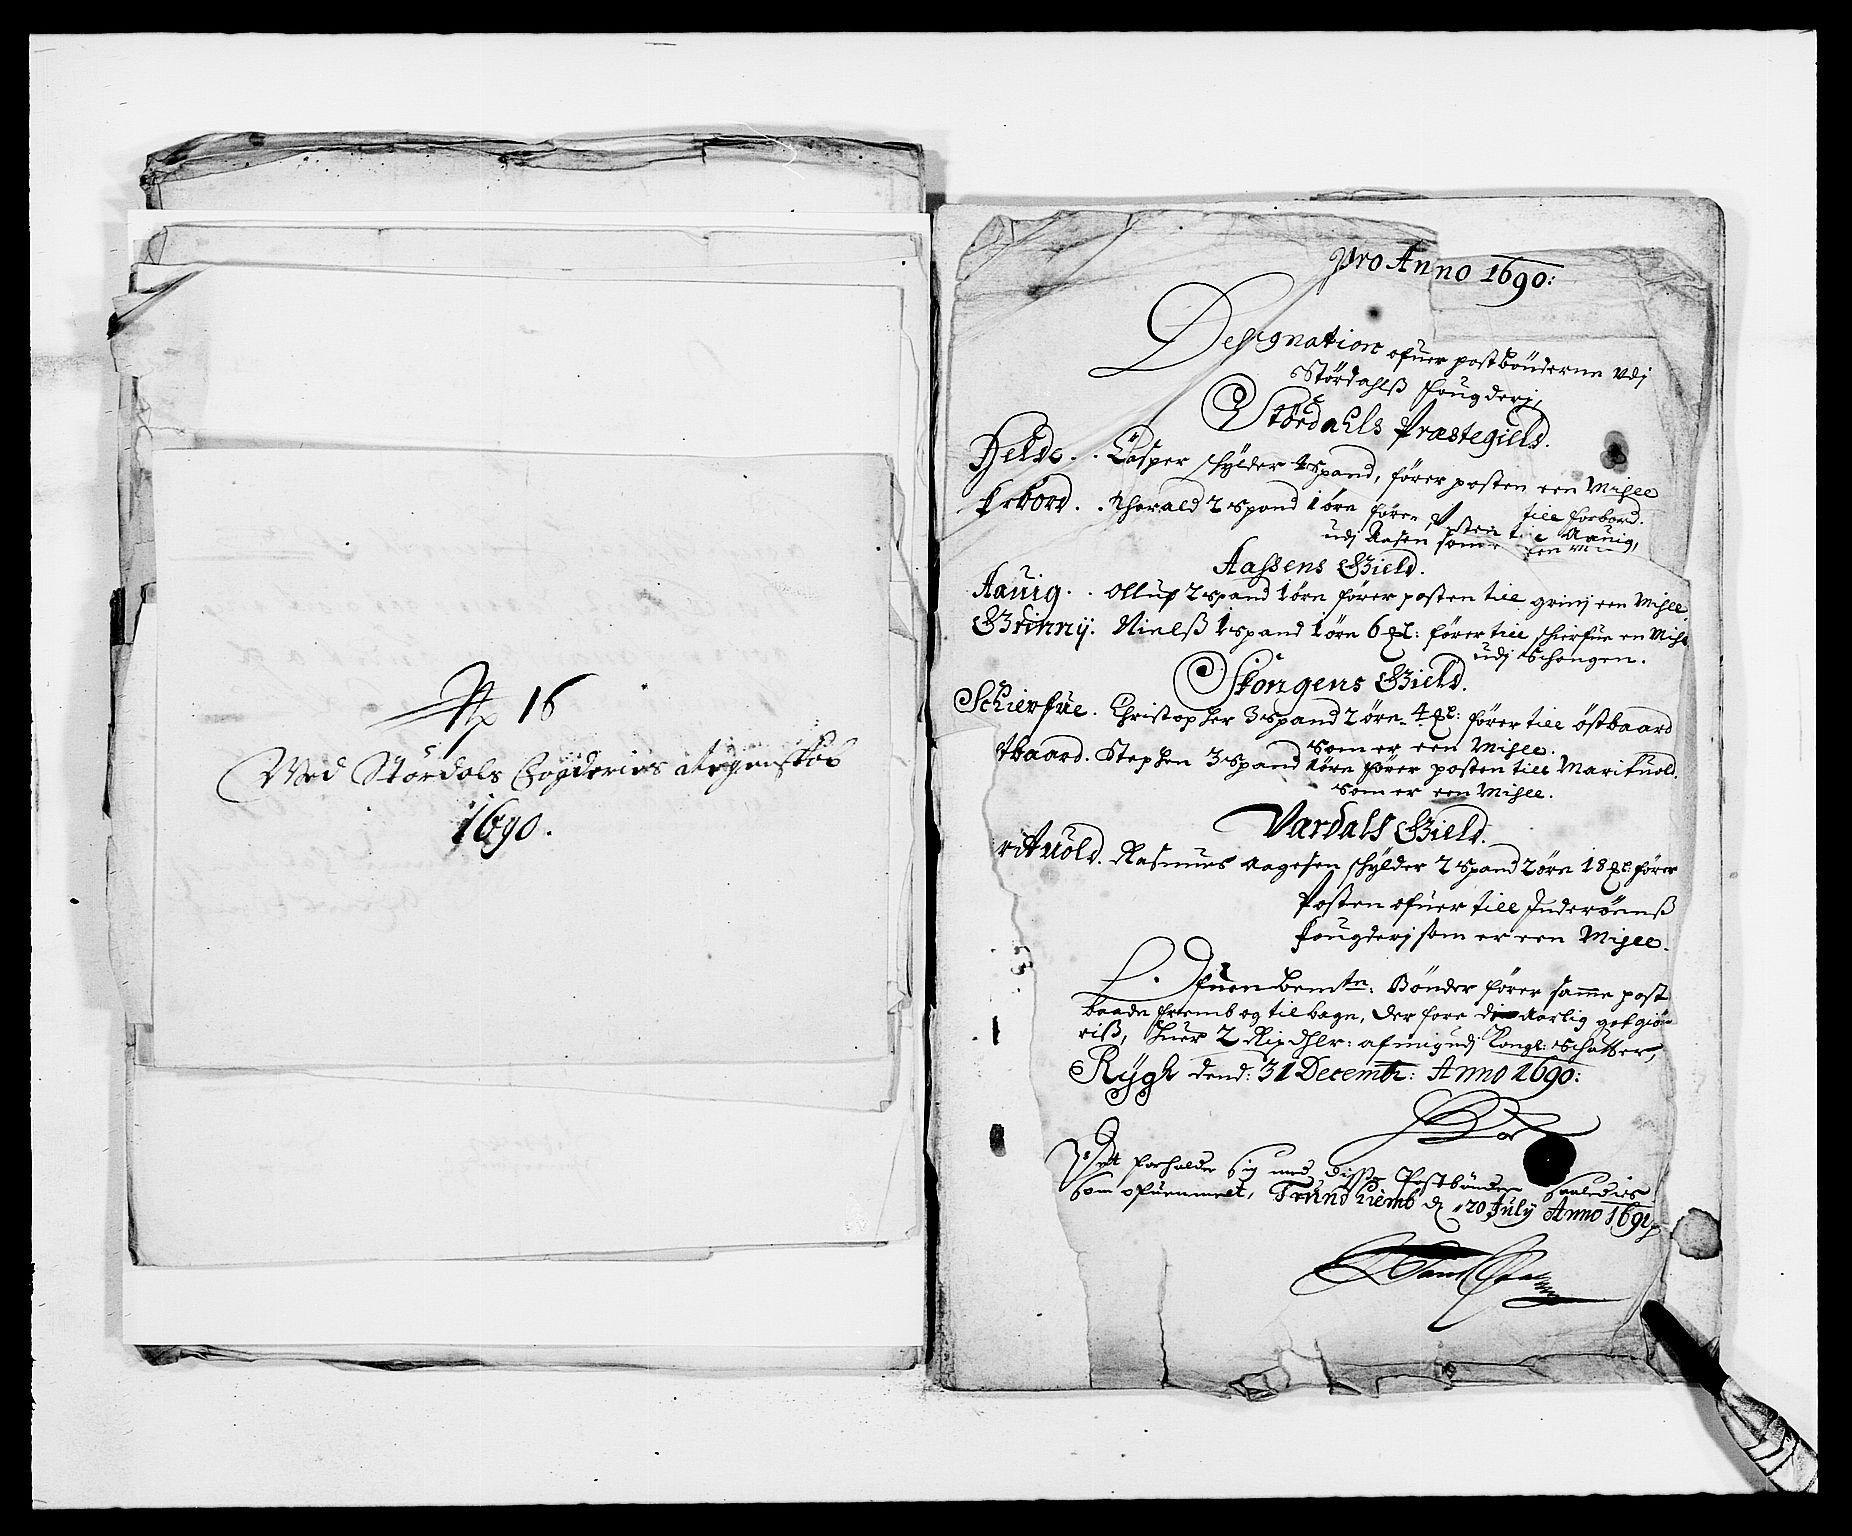 RA, Rentekammeret inntil 1814, Reviderte regnskaper, Fogderegnskap, R62/L4184: Fogderegnskap Stjørdal og Verdal, 1690-1691, s. 207